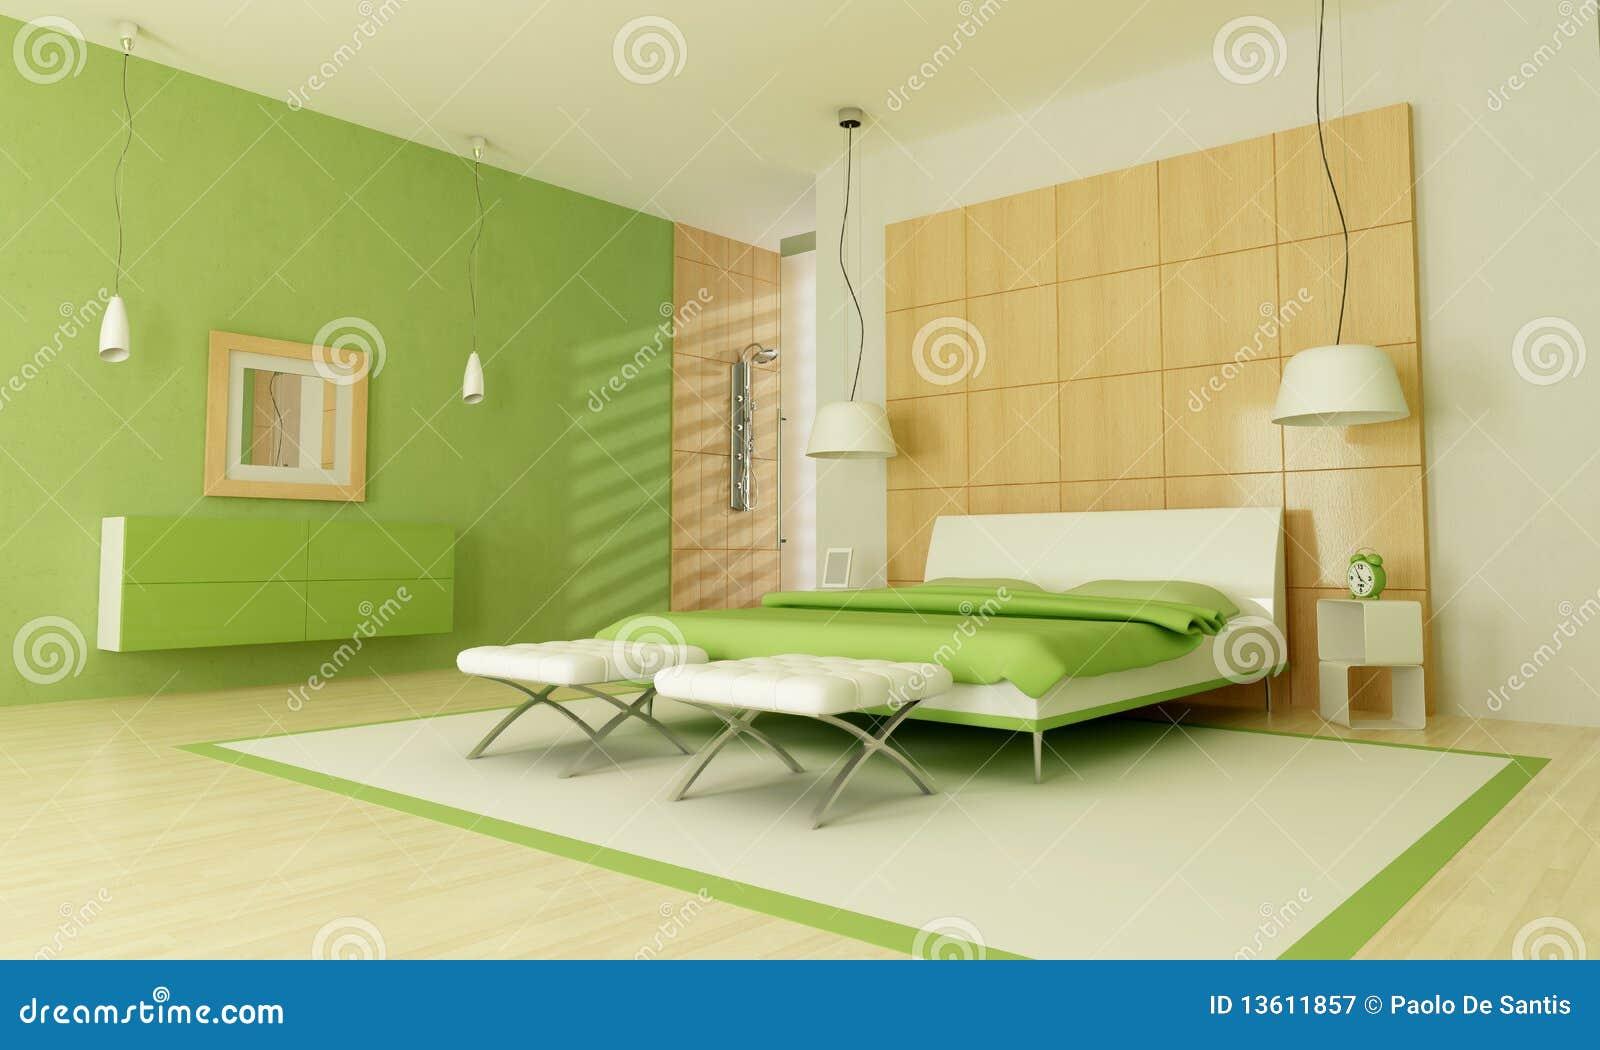 Modernes schlafzimmer grün  Grünes Modernes Schlafzimmer Lizenzfreie Stockfotografie - Bild ...